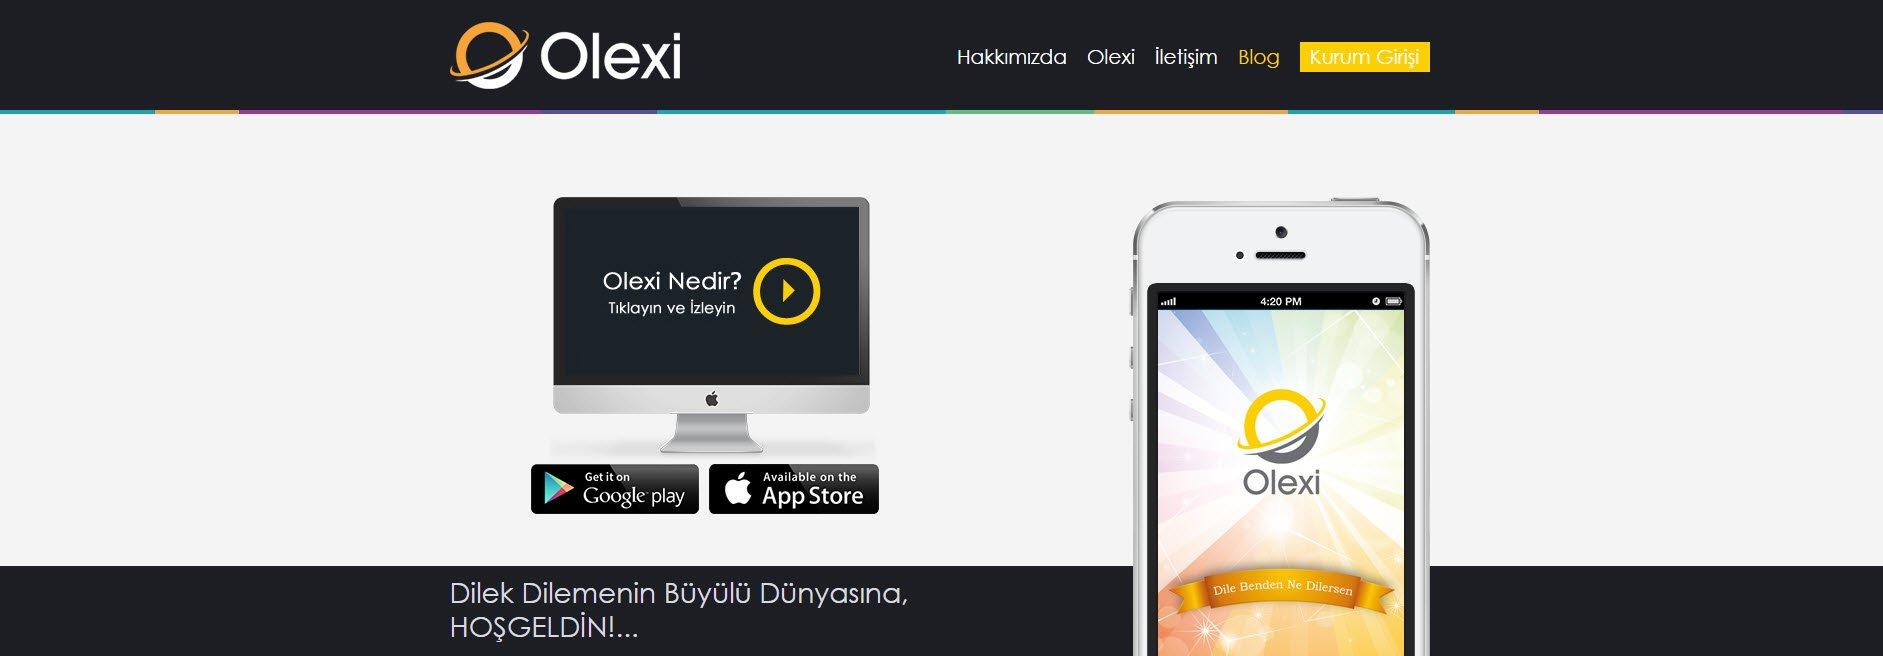 olexi-featured